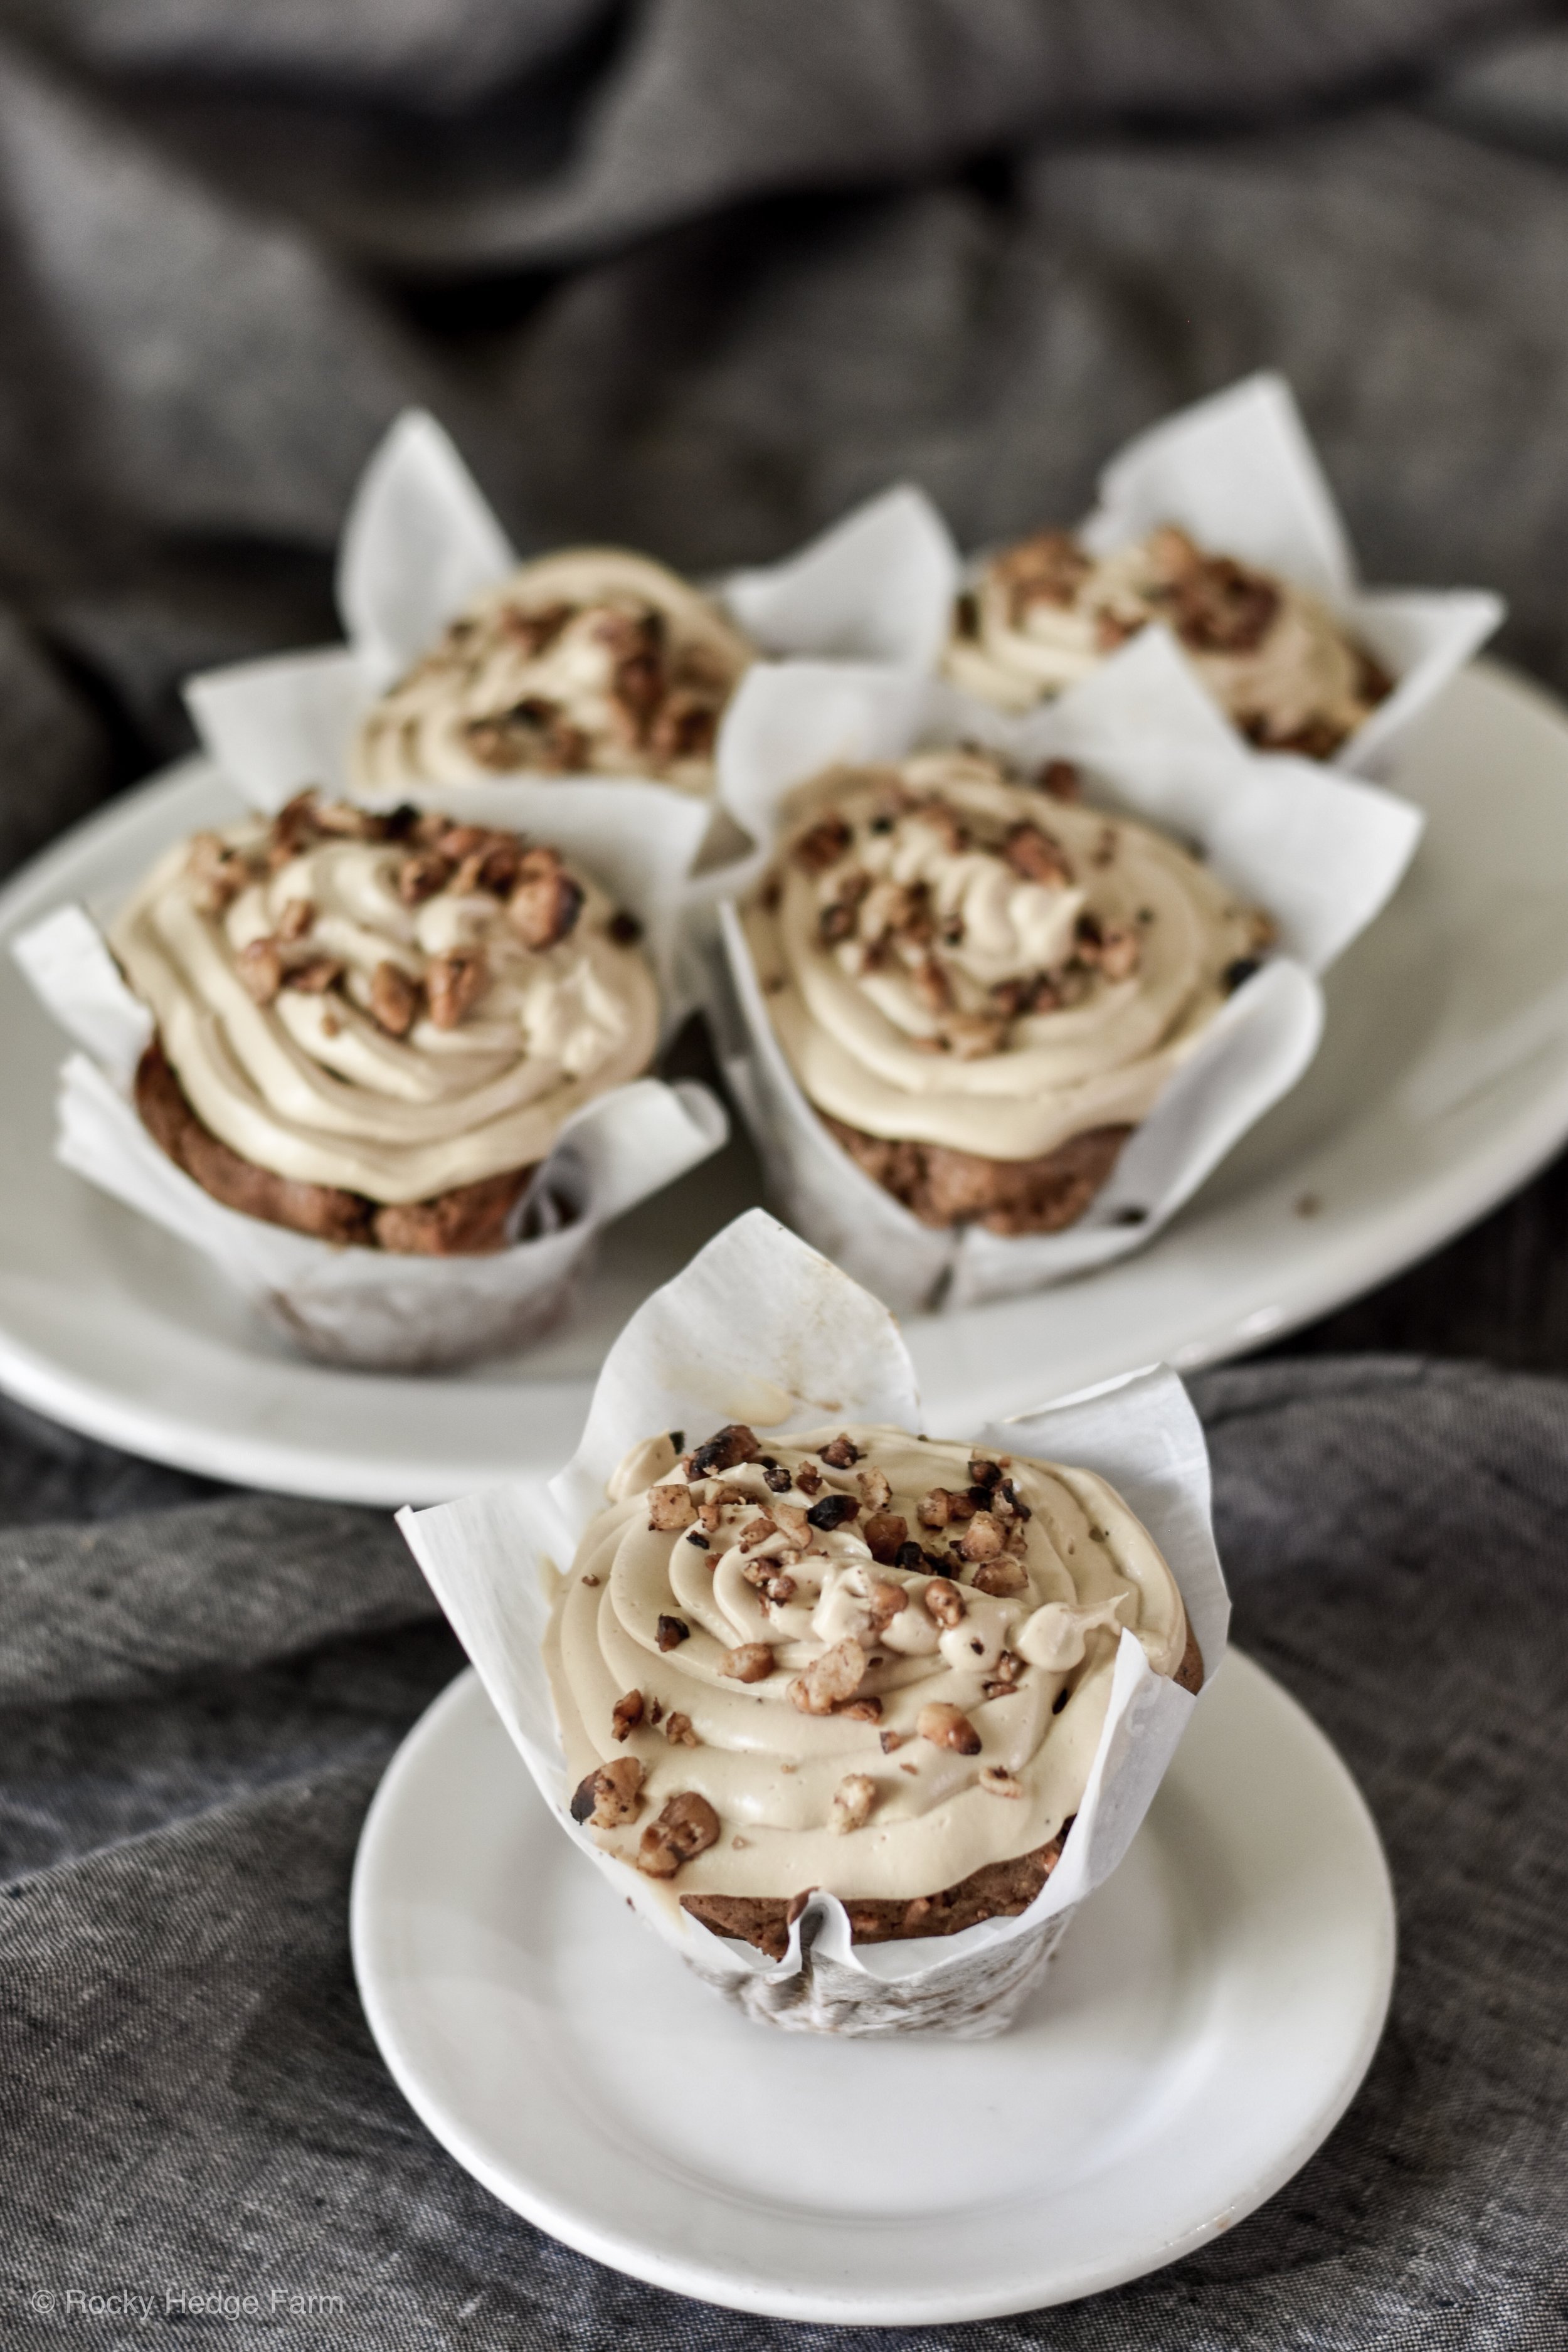 Sourdough Recipe for Carrot Cupcake. | Rocky Hedge Farm